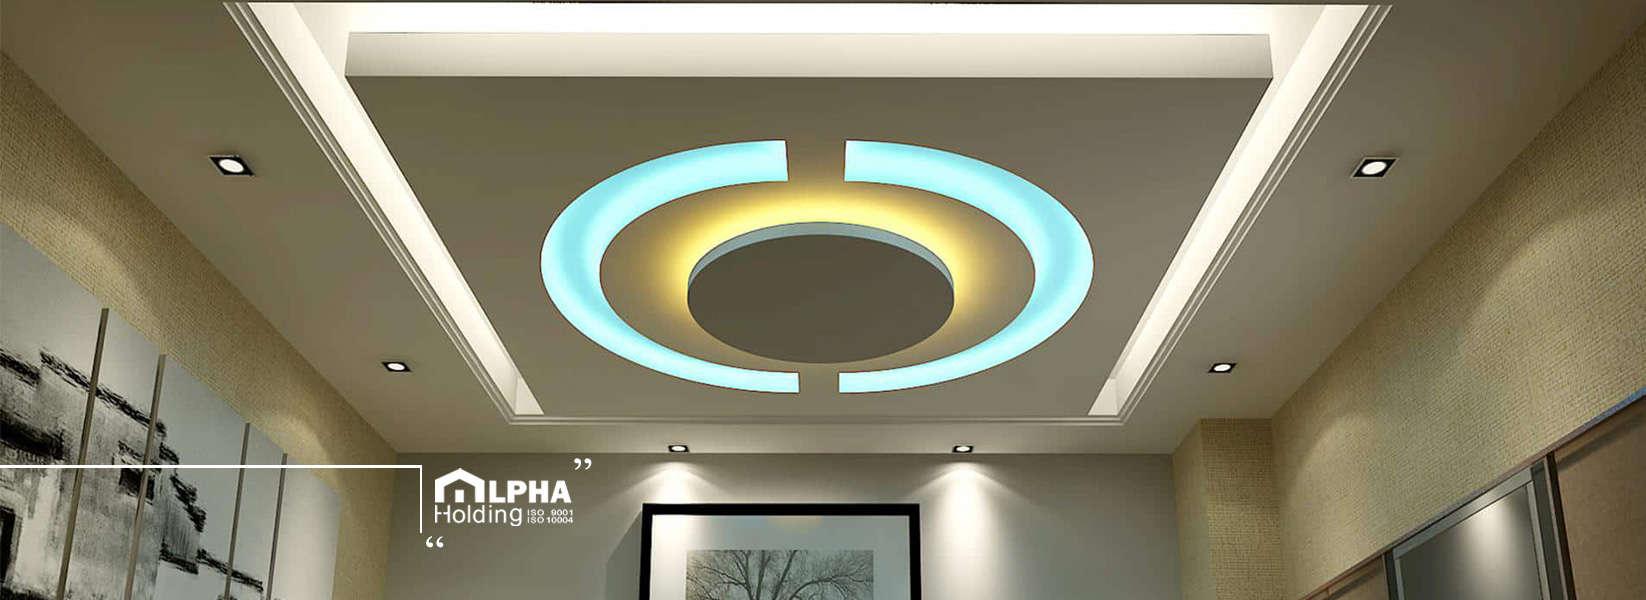 روشنایی اتوماتیک امکانی برای راحتی شما!